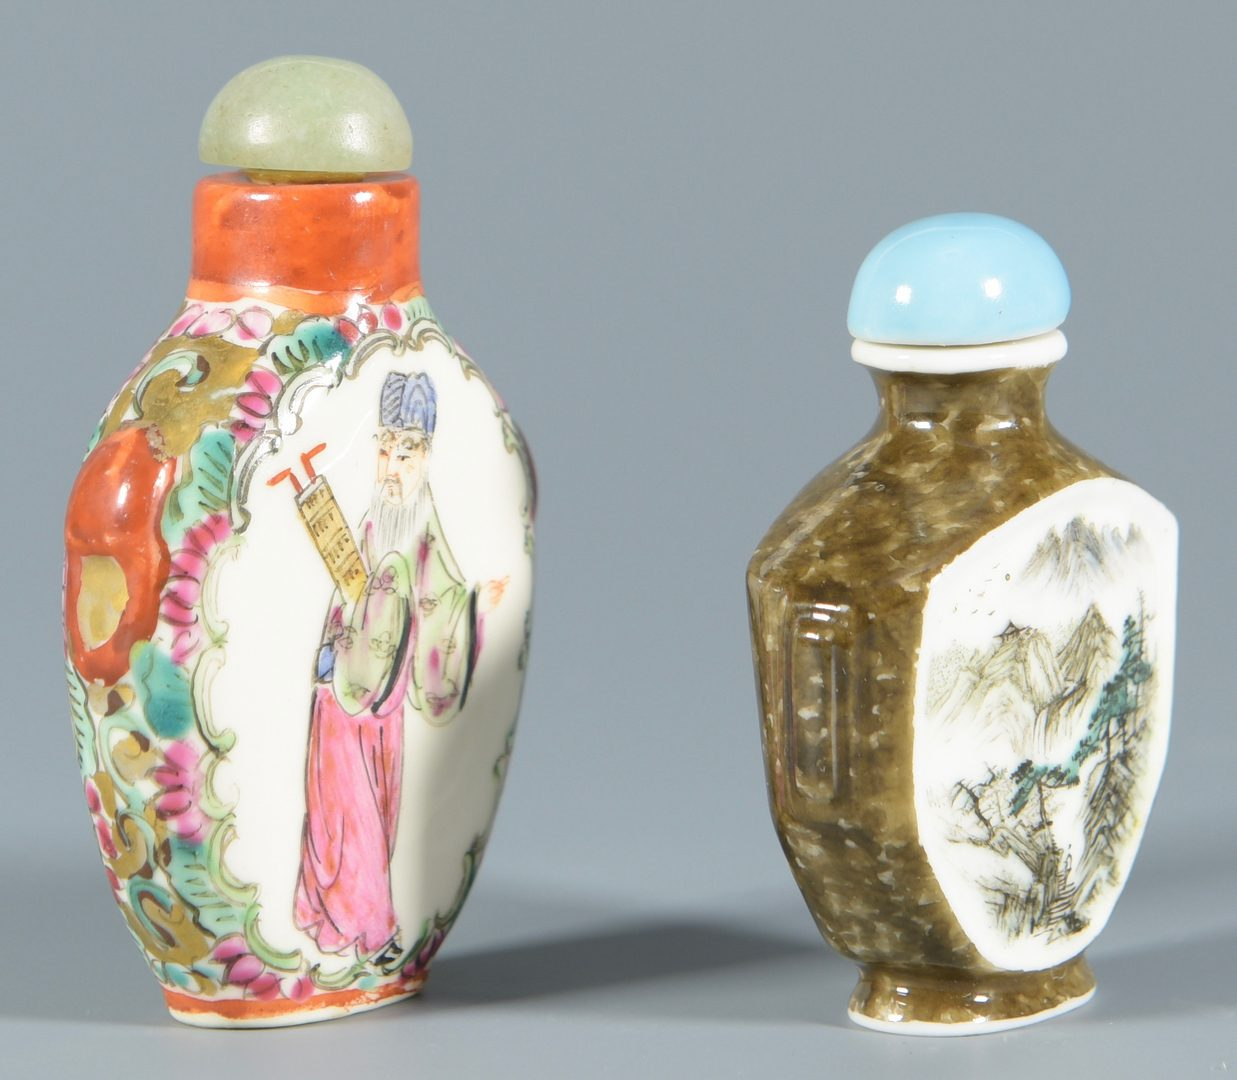 Lot 316: 6 Porcelain Snuff Bottles